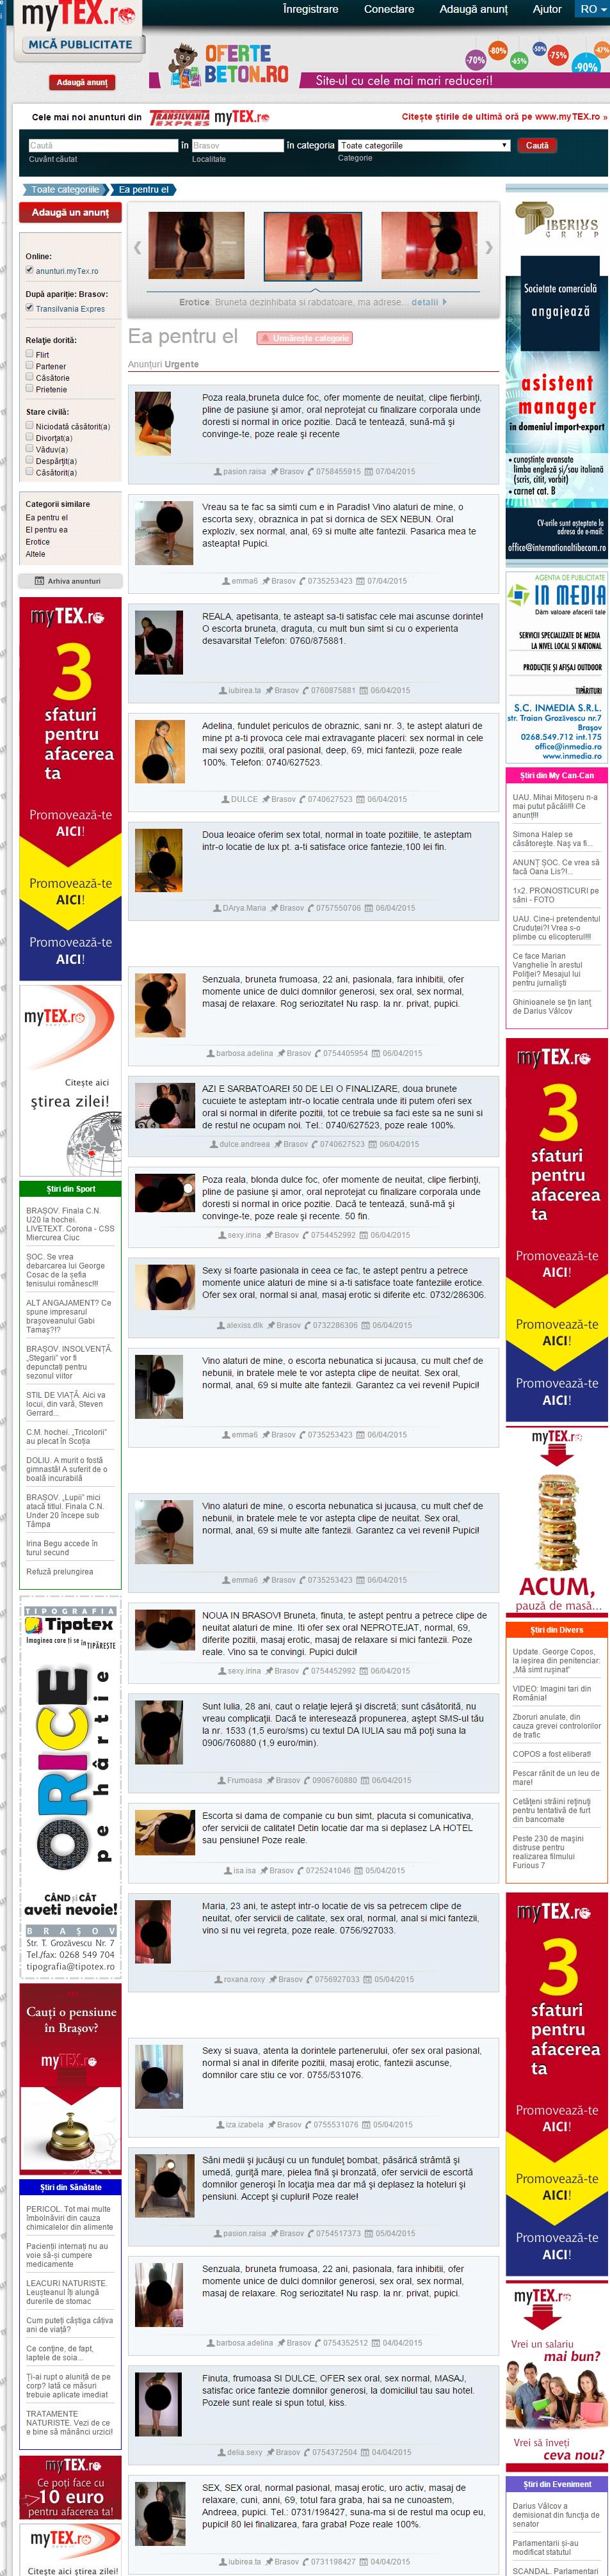 mytex-promoveaza-prostitutia-brasov